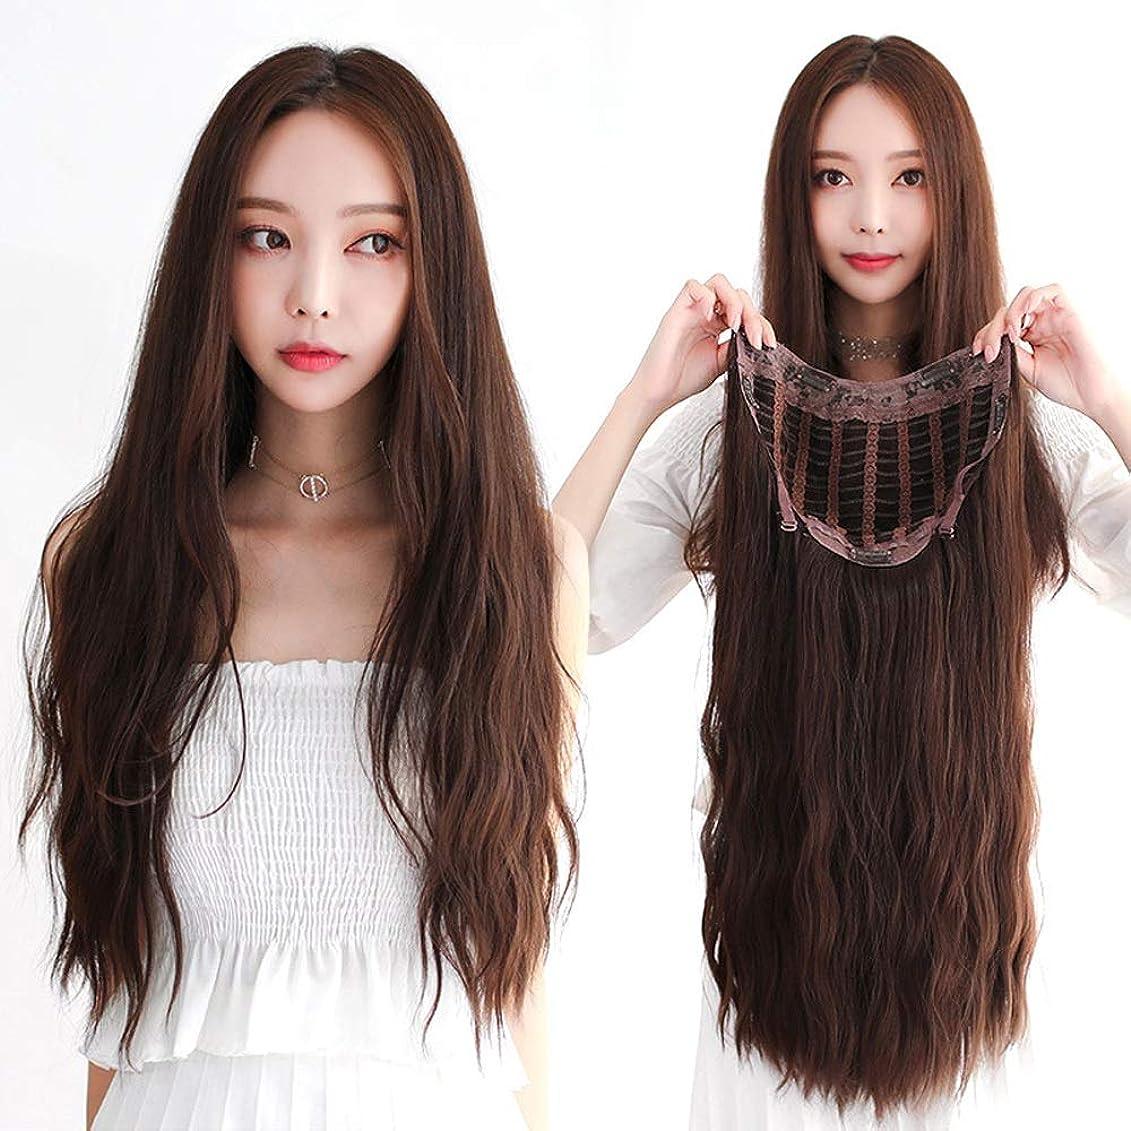 蒸留に沿って遺体安置所SRY-Wigファッション ウィッグ女性の長い髪長い巻き毛大きな波気質目に見えないシームレス現実的です